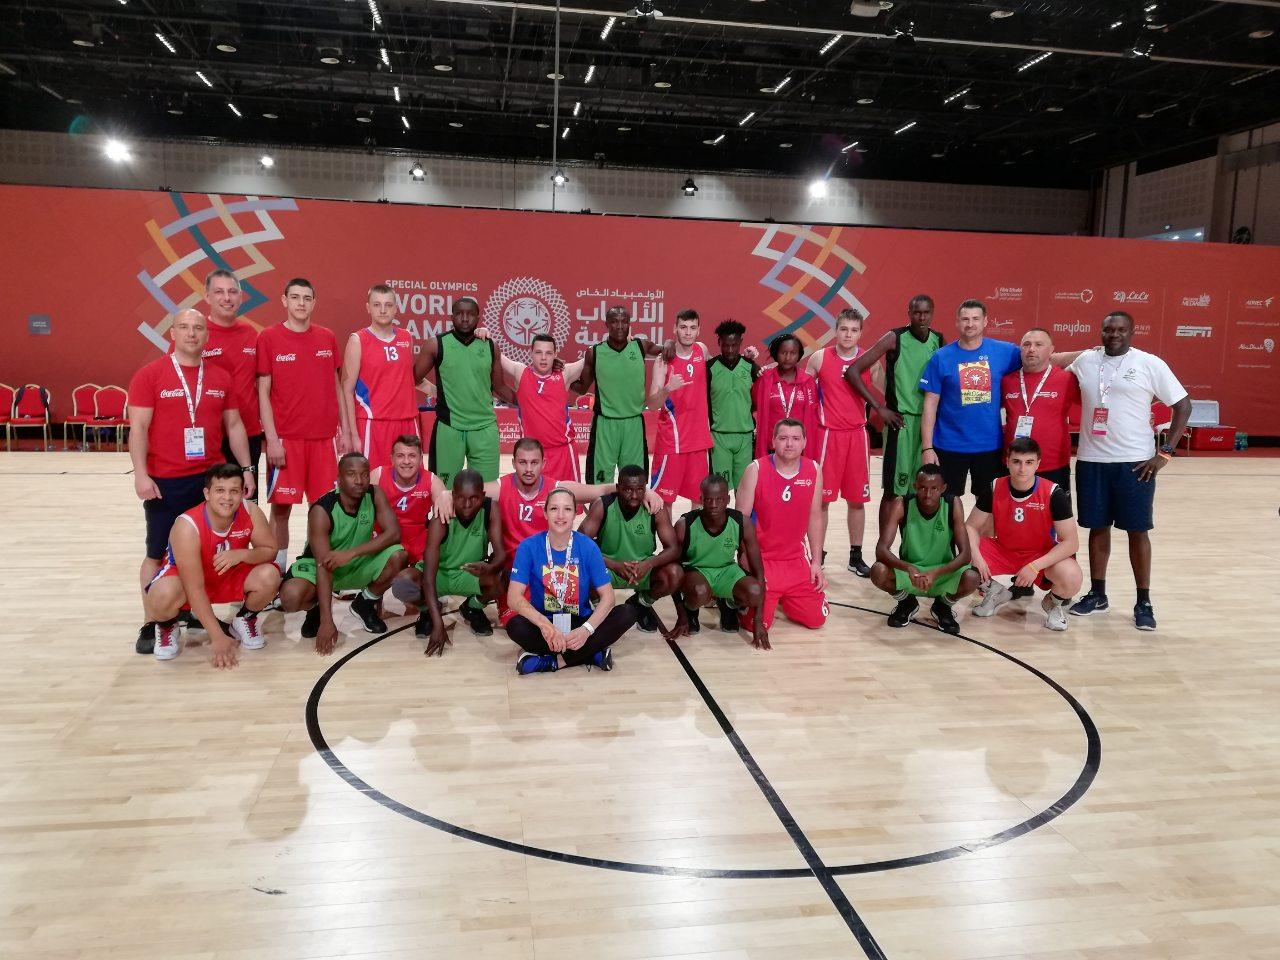 Photo of Specijalna olimpijada: Sportisti Srbije izborili polufinale u inkluzivnoj košarci. Pala i Kenija 19:15